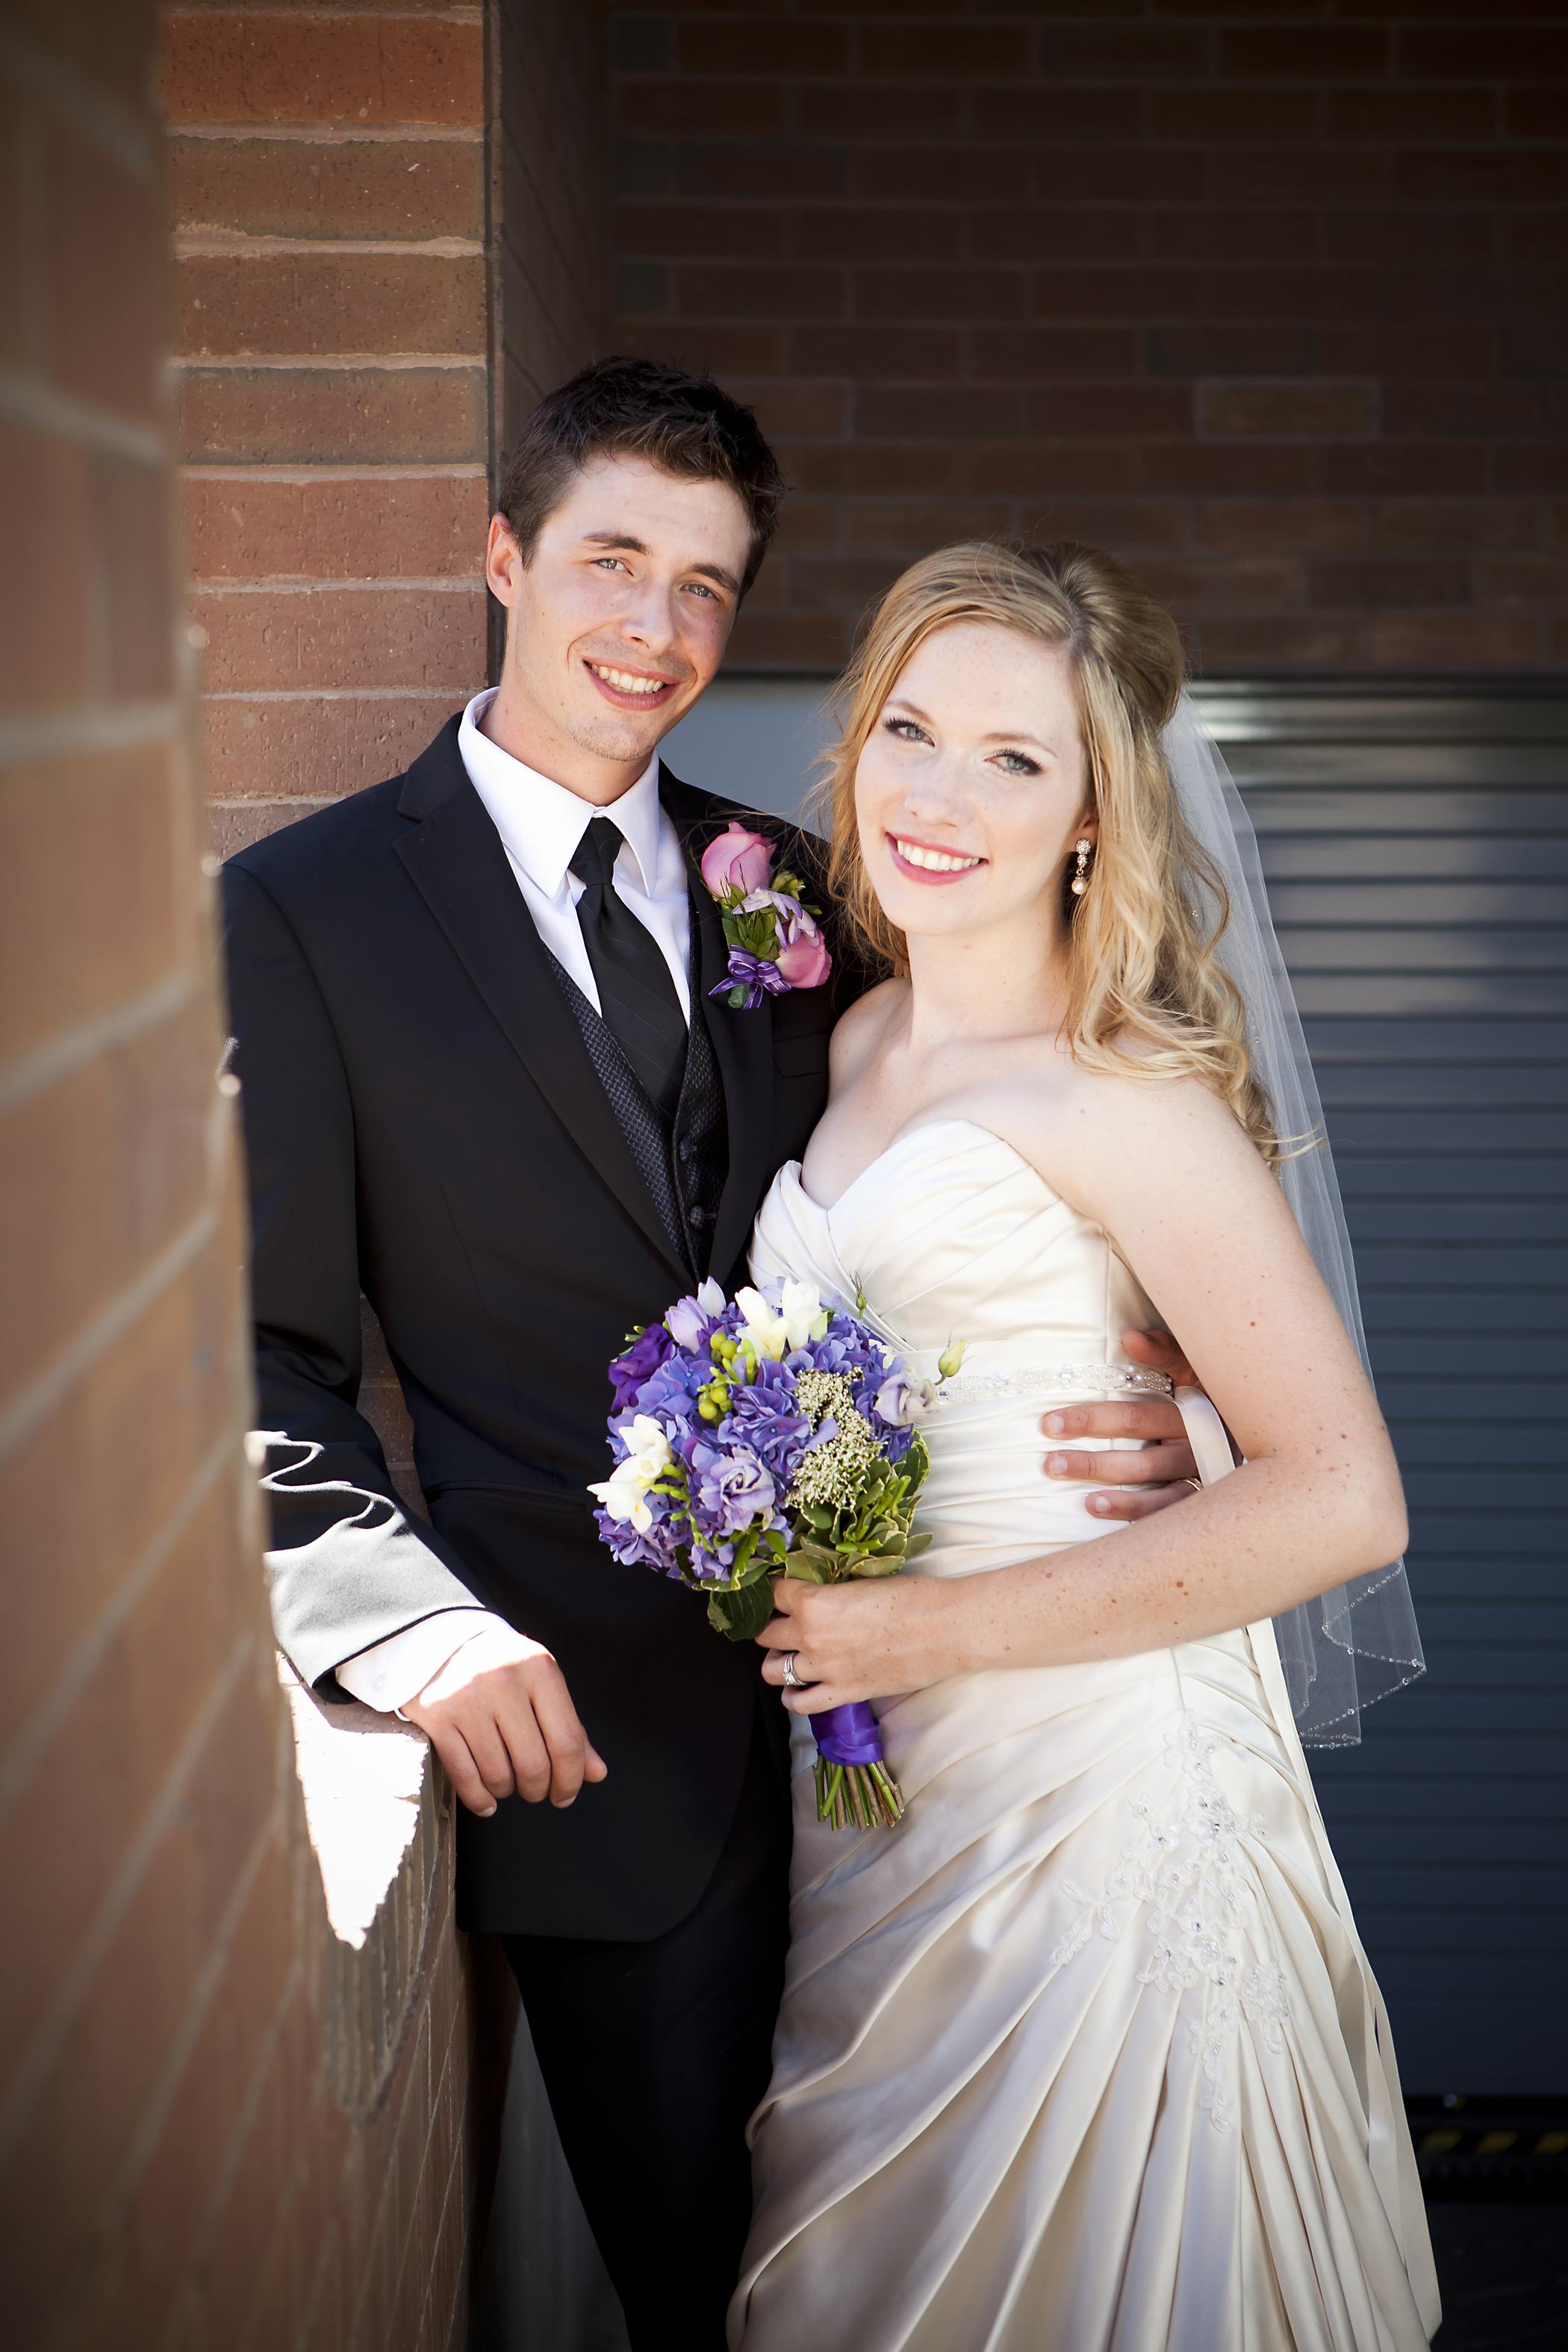 Wedding_186.jpg